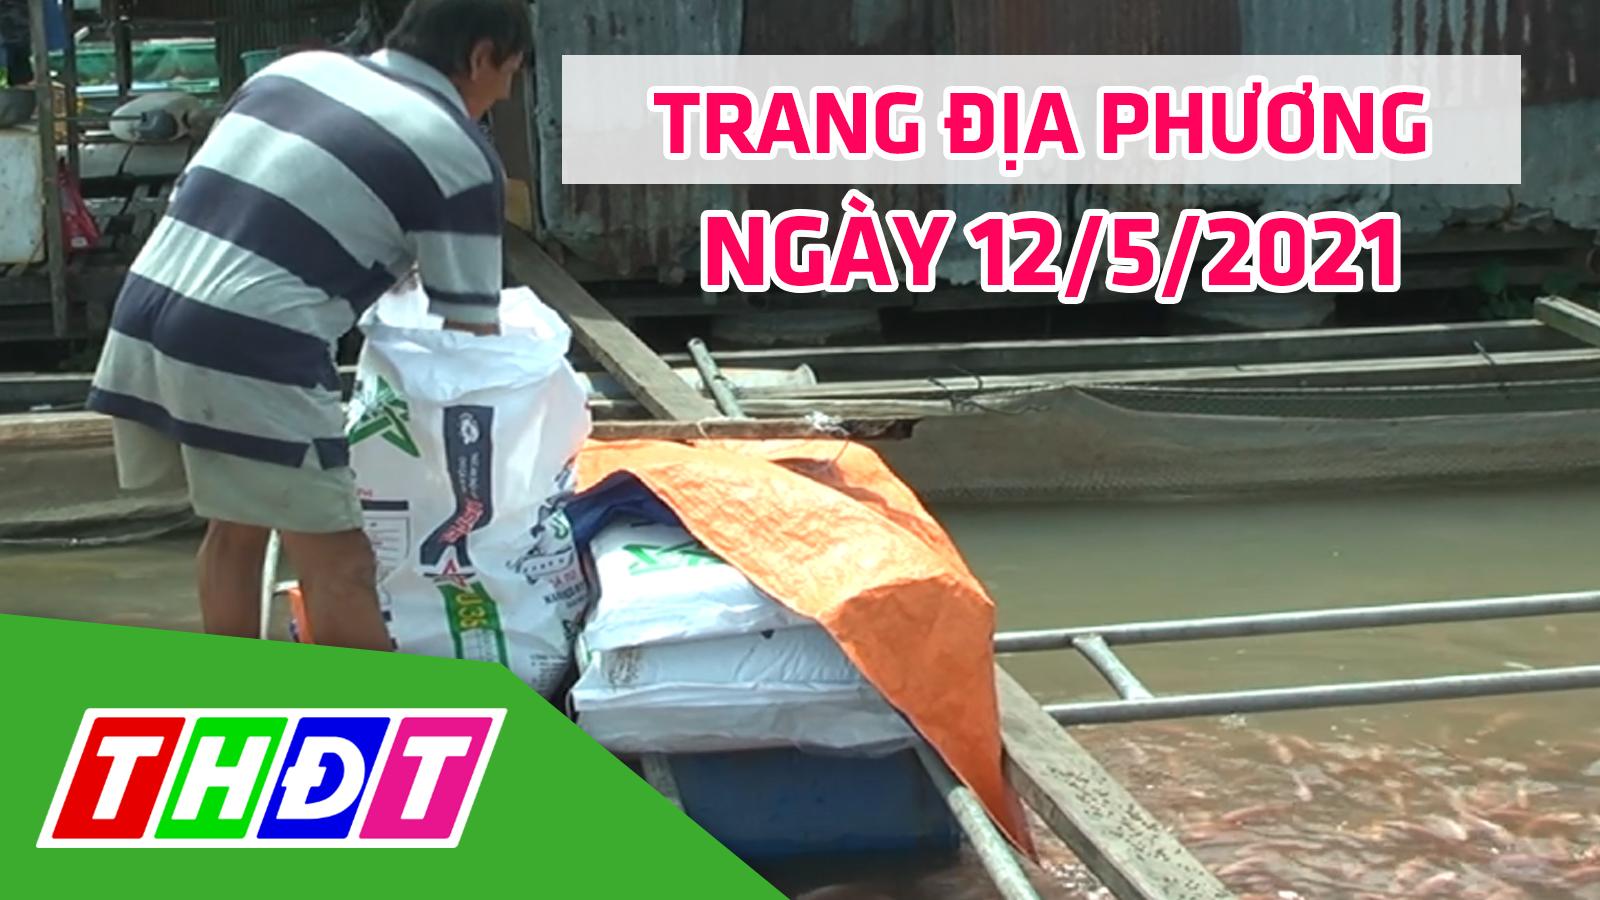 Trang địa phương - Thứ Tư, 12/5/2021: Huyện Cao Lãnh ra mắt tổ hợp tác sản xuất cá điêu hồng an toàn